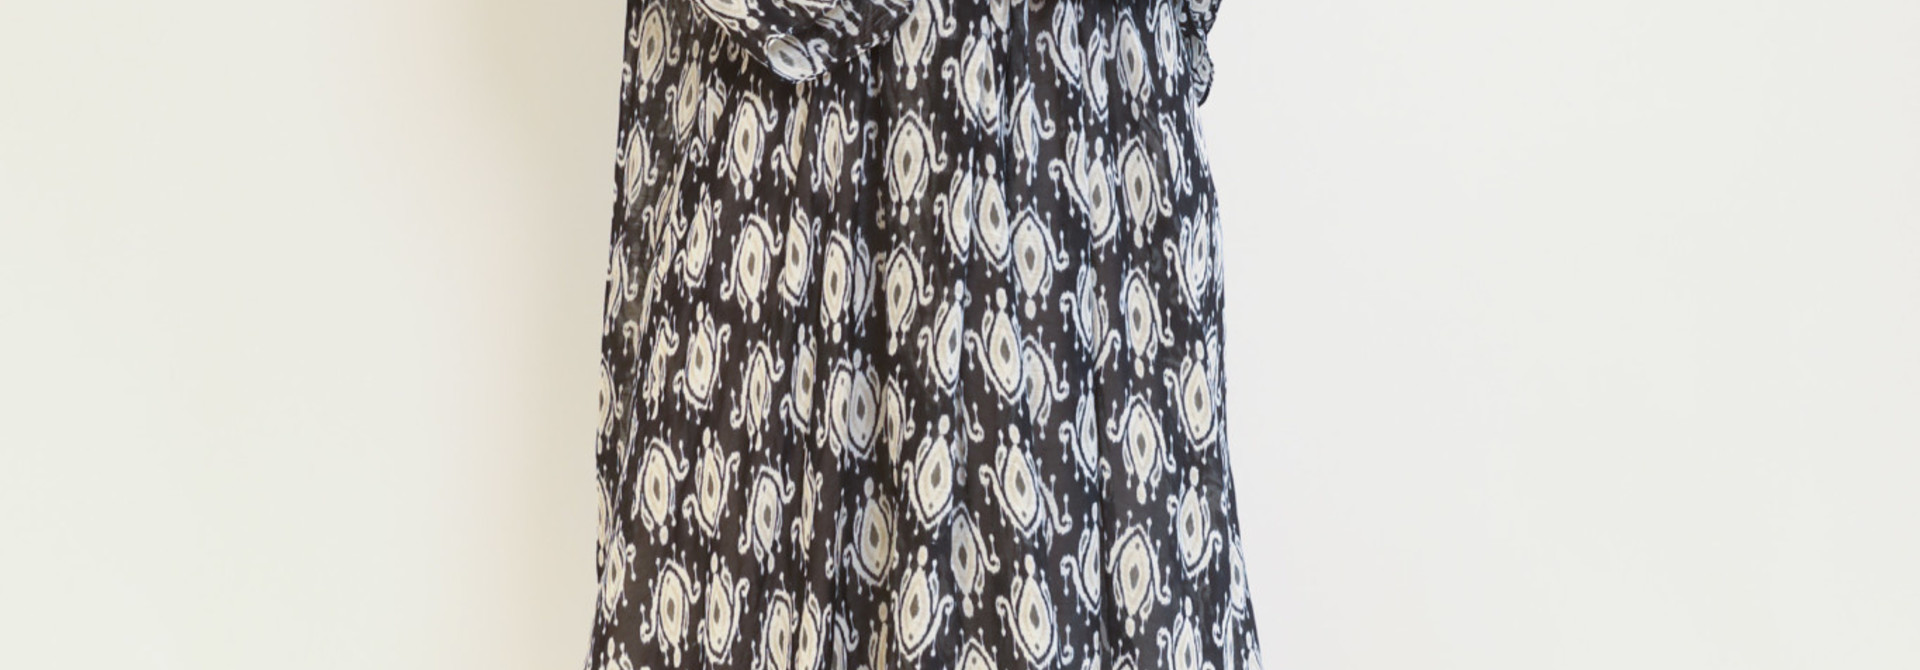 ofelia dress Antonelli